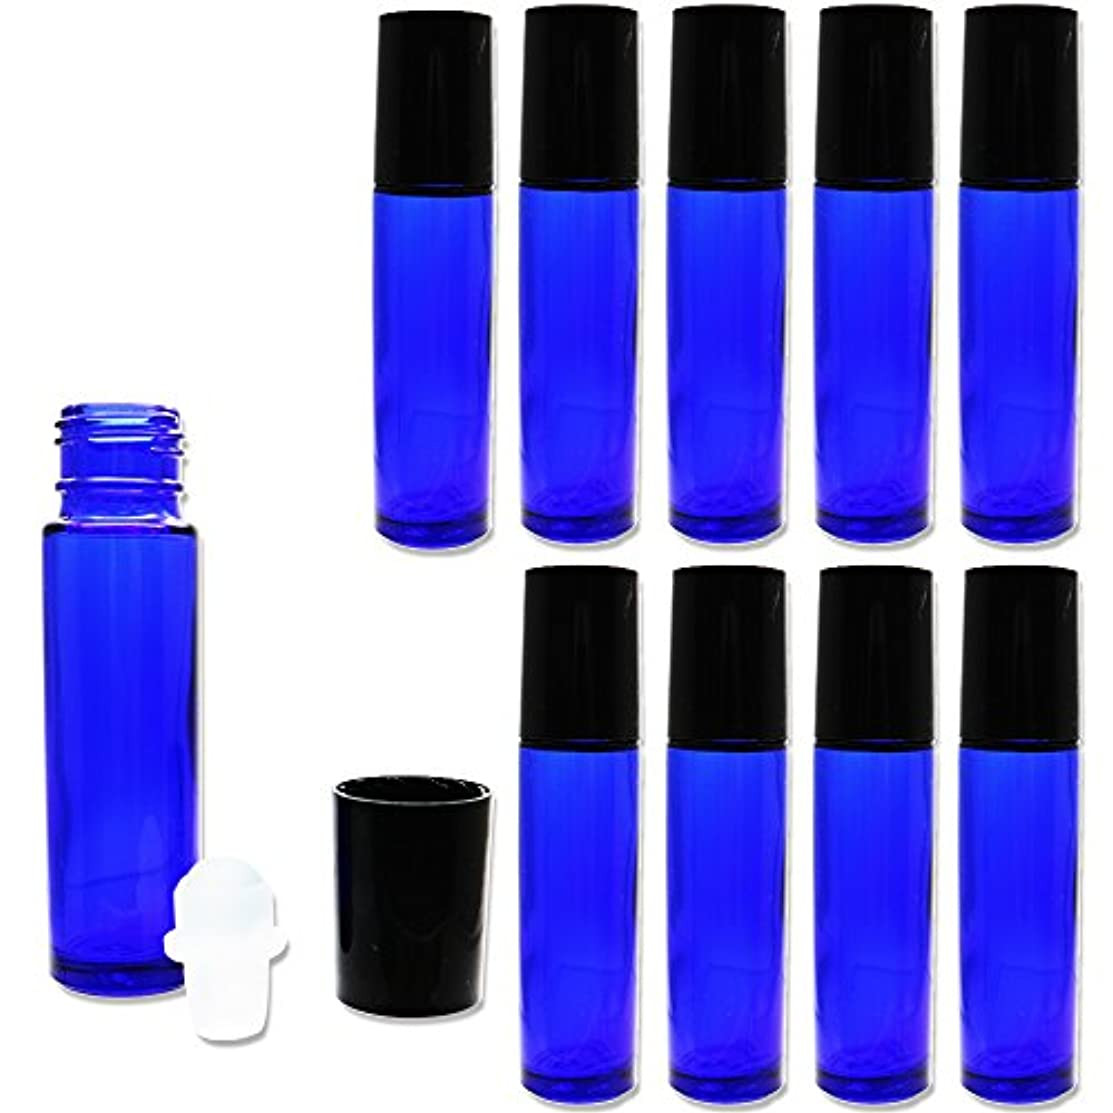 不測の事態エネルギー融合Solid Value ロールオンボトル アロマオイル ガラスロール 詰め替え 遮光瓶 (10ml 10本セット)